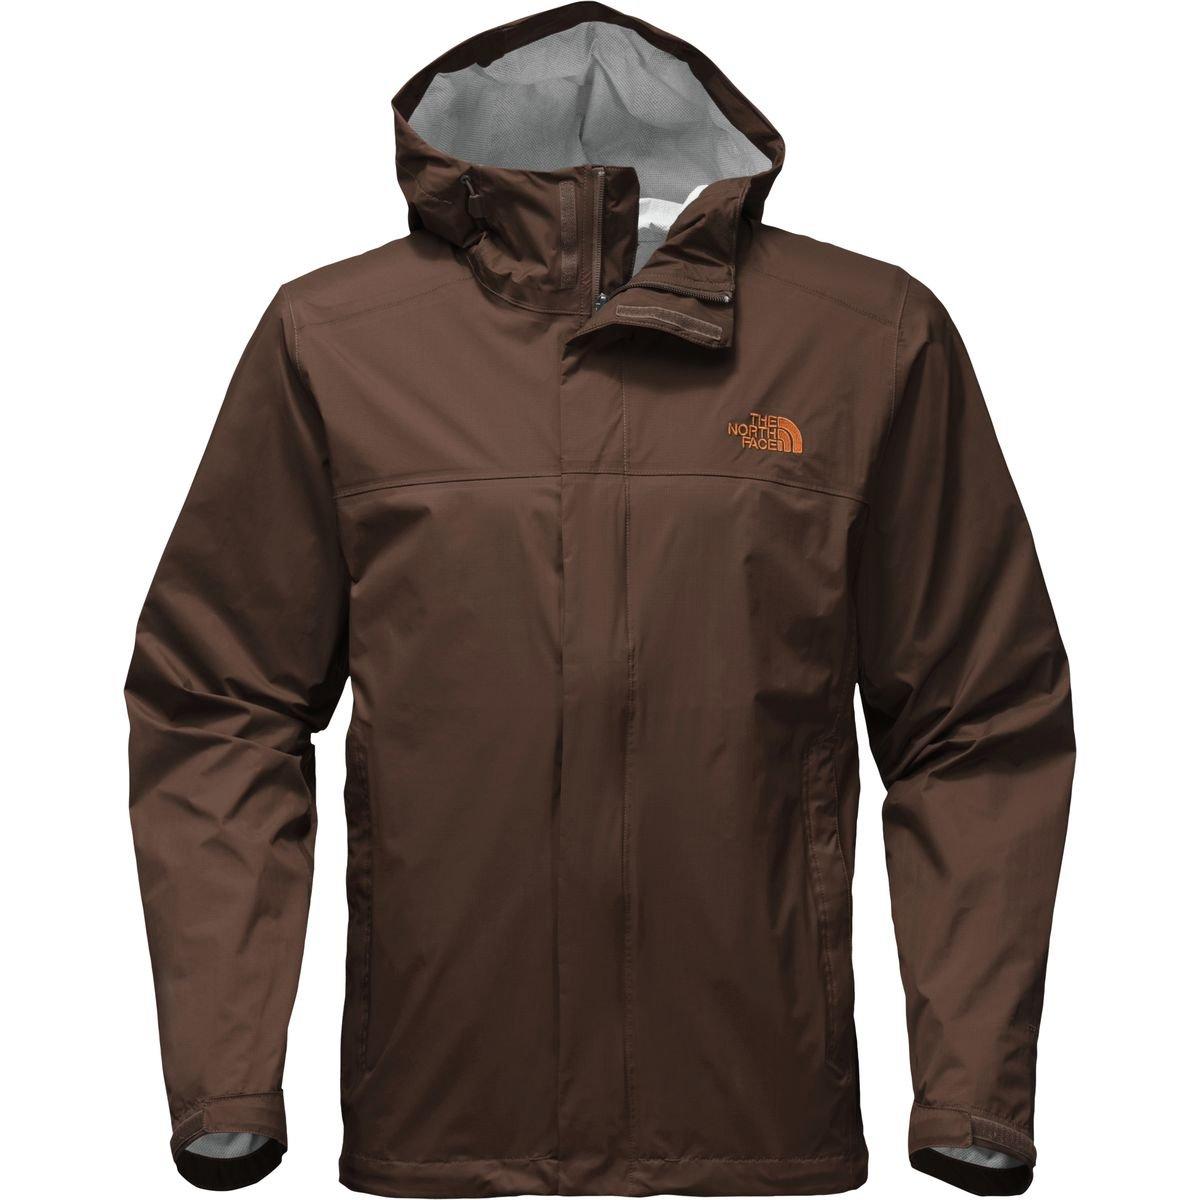 The North Face Venture 2 Jacket - Men's Brunette Brown/Brunette Brown/Autumnal Orange X-Large